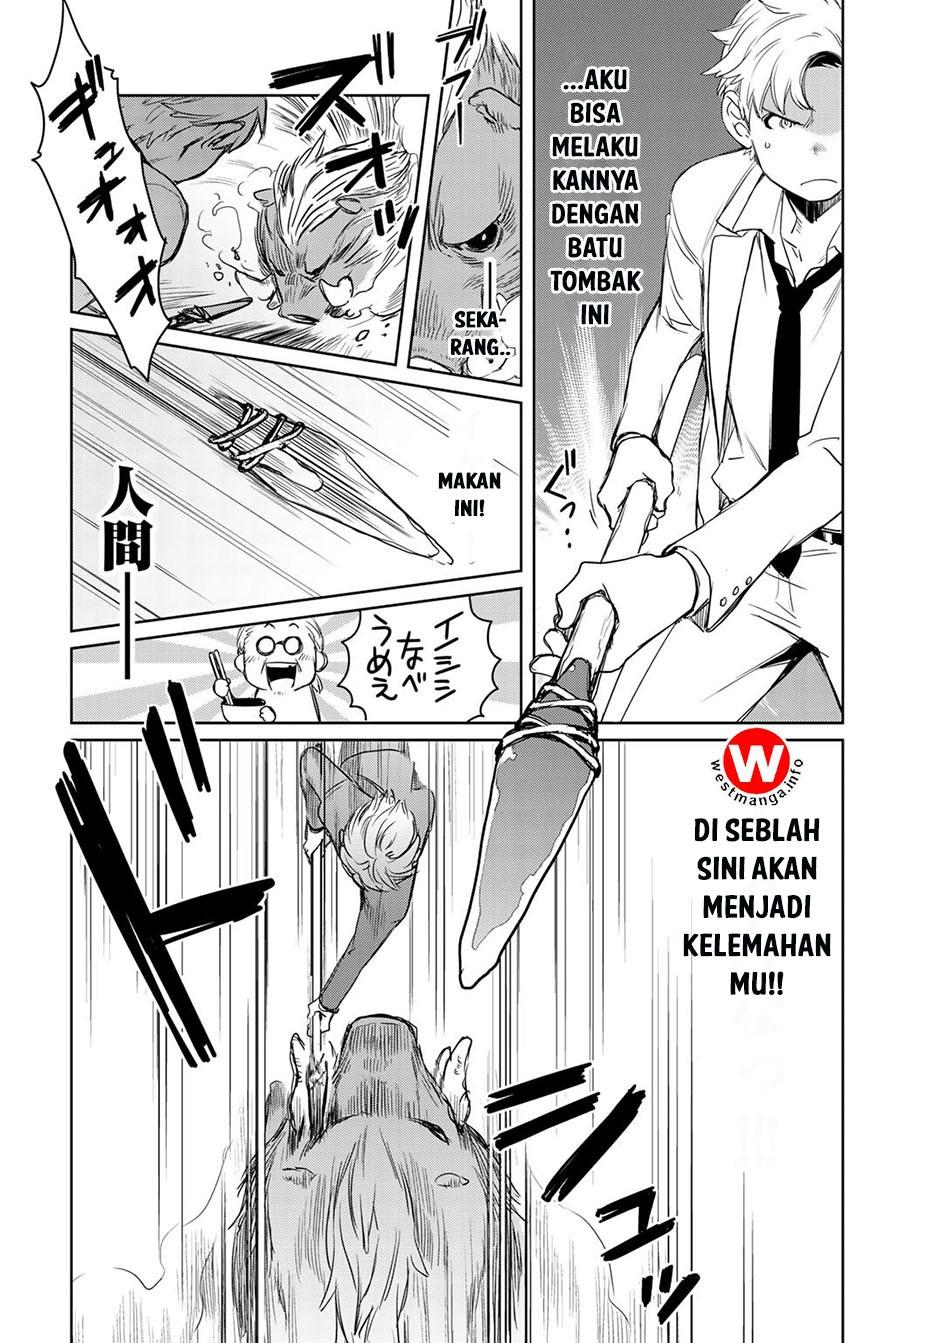 Dilarang COPAS - situs resmi www.mangacanblog.com - Komik isekai ni kita mitai dakedo ikan sureba yoi no darou 001 - chapter 1 2 Indonesia isekai ni kita mitai dakedo ikan sureba yoi no darou 001 - chapter 1 Terbaru 31 Baca Manga Komik Indonesia Mangacan